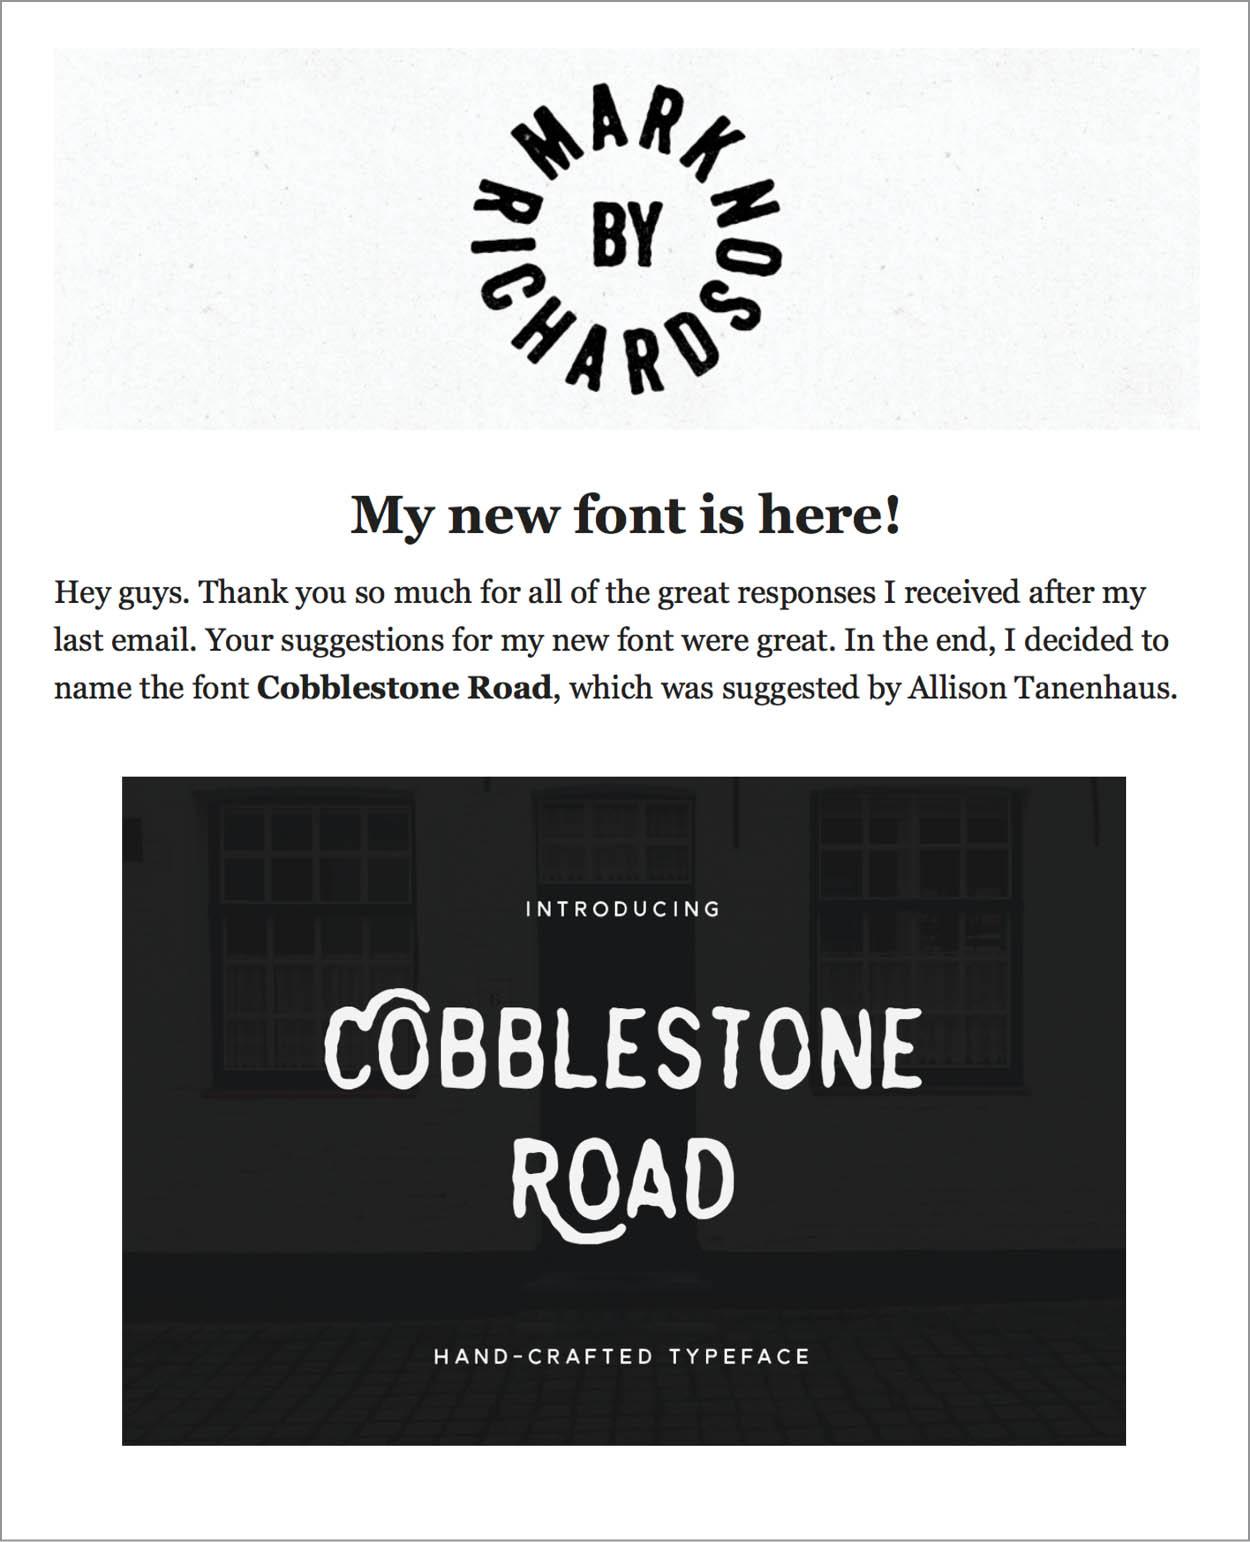 cobblestone mockup_outline_2.jpg